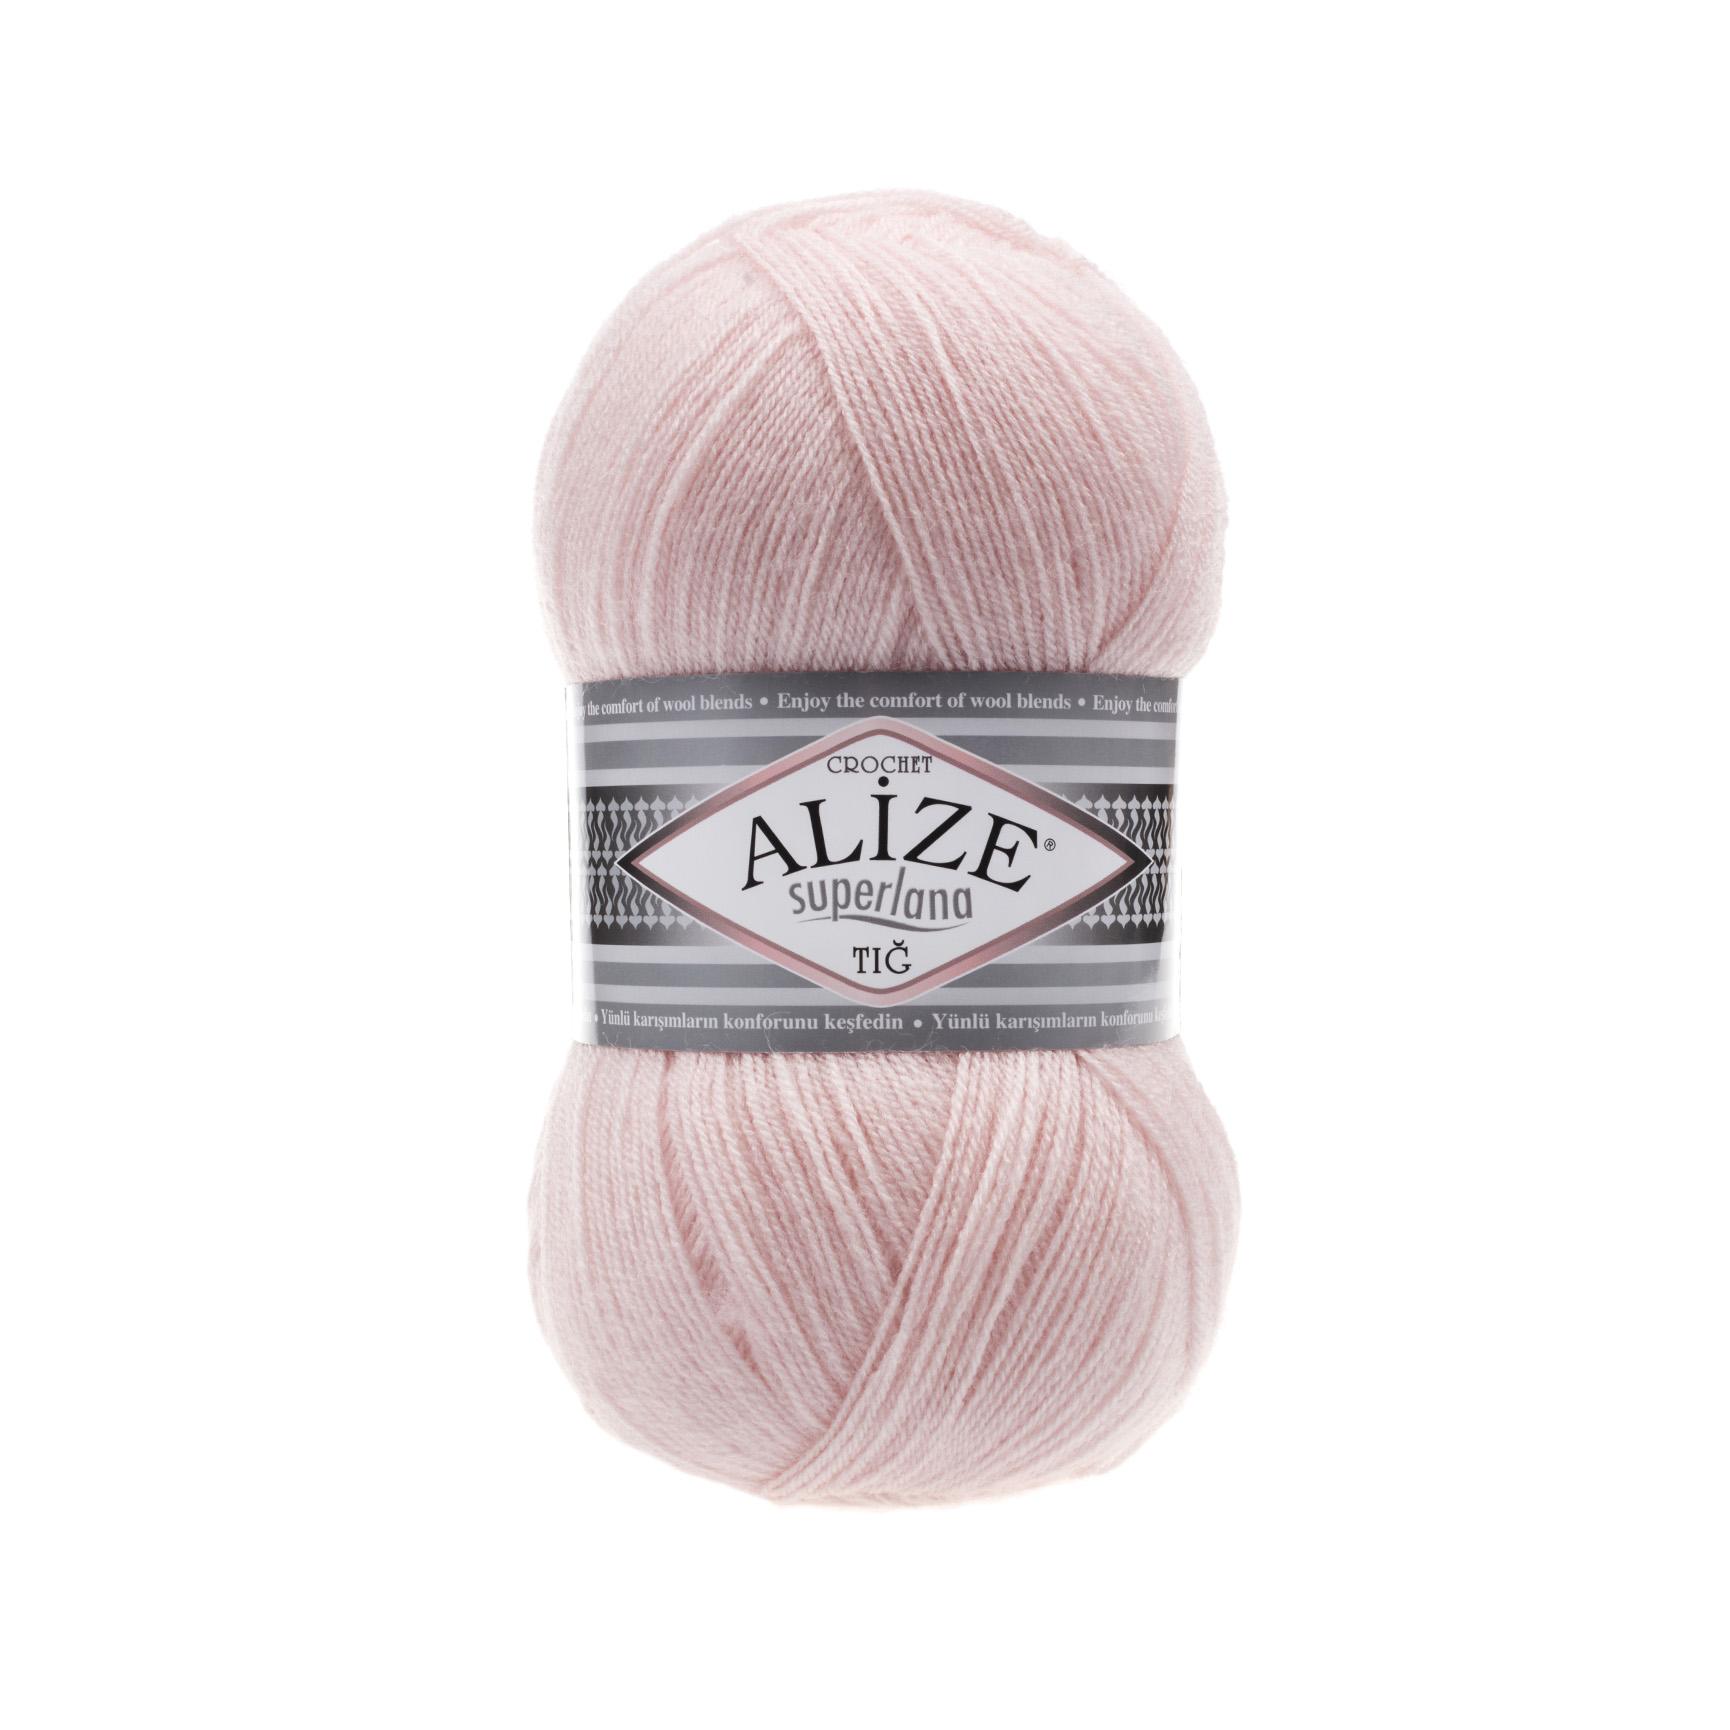 Пряжа для вязания Ализе Superlana TIG (25% шерсть, 75% акрил) 5х100гр/570 м цв,271 жемчужн